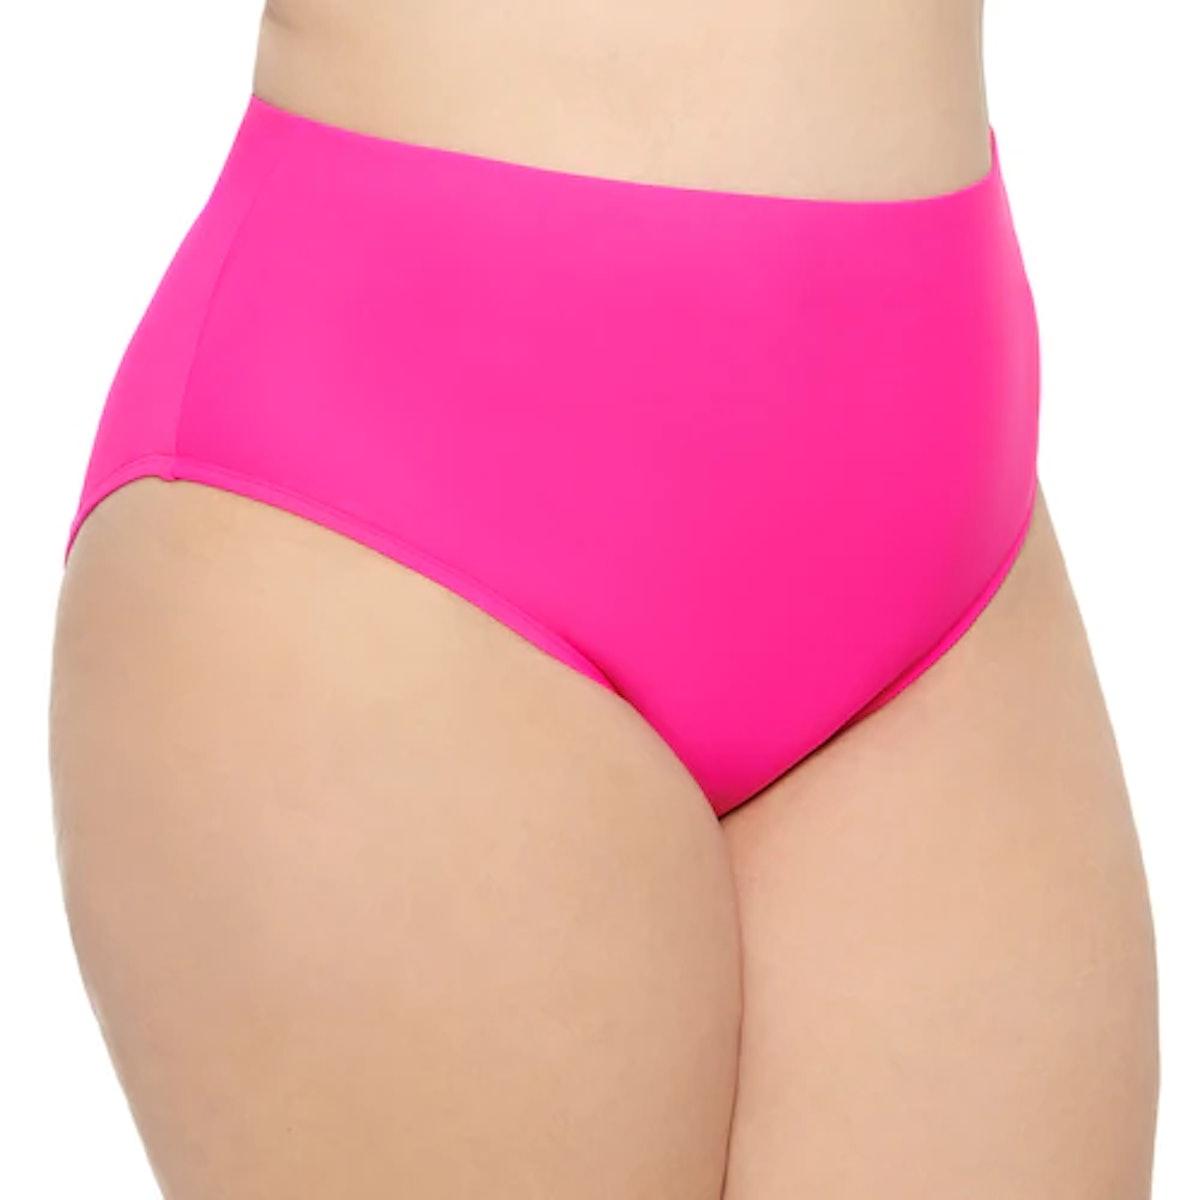 Kohl's Plus Size Mix and Match High-Waisted Bikini Bottoms